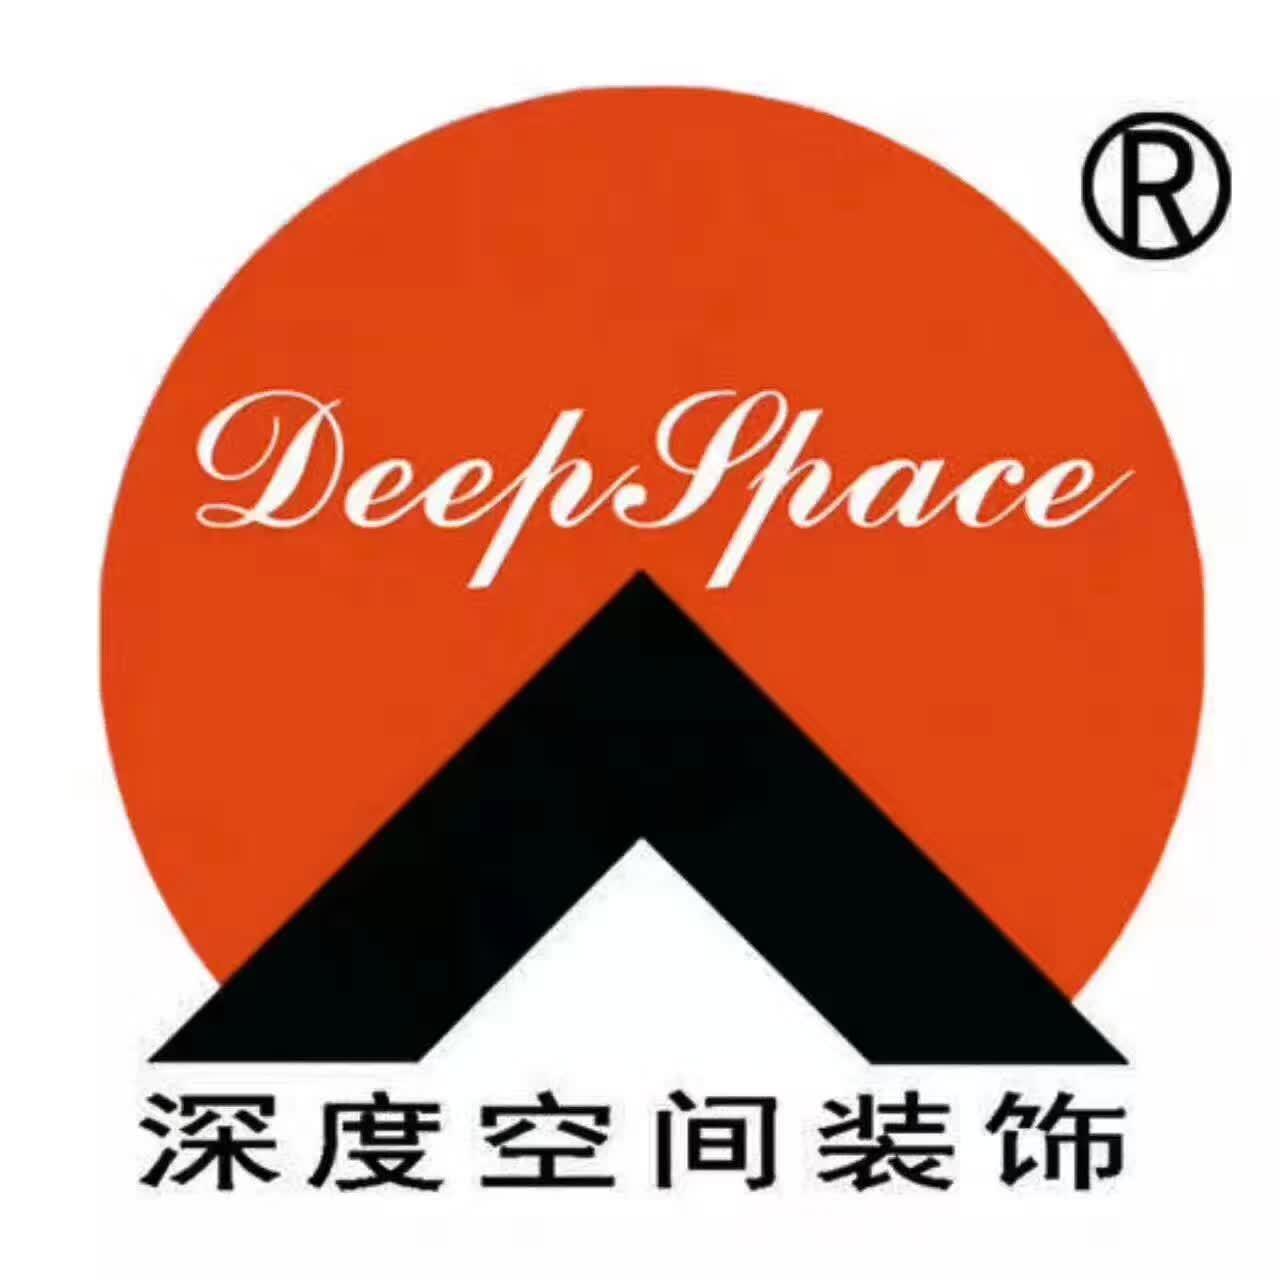 北京深度空間裝飾工程有限公司柳州地王分公司招聘:公司標志 logo